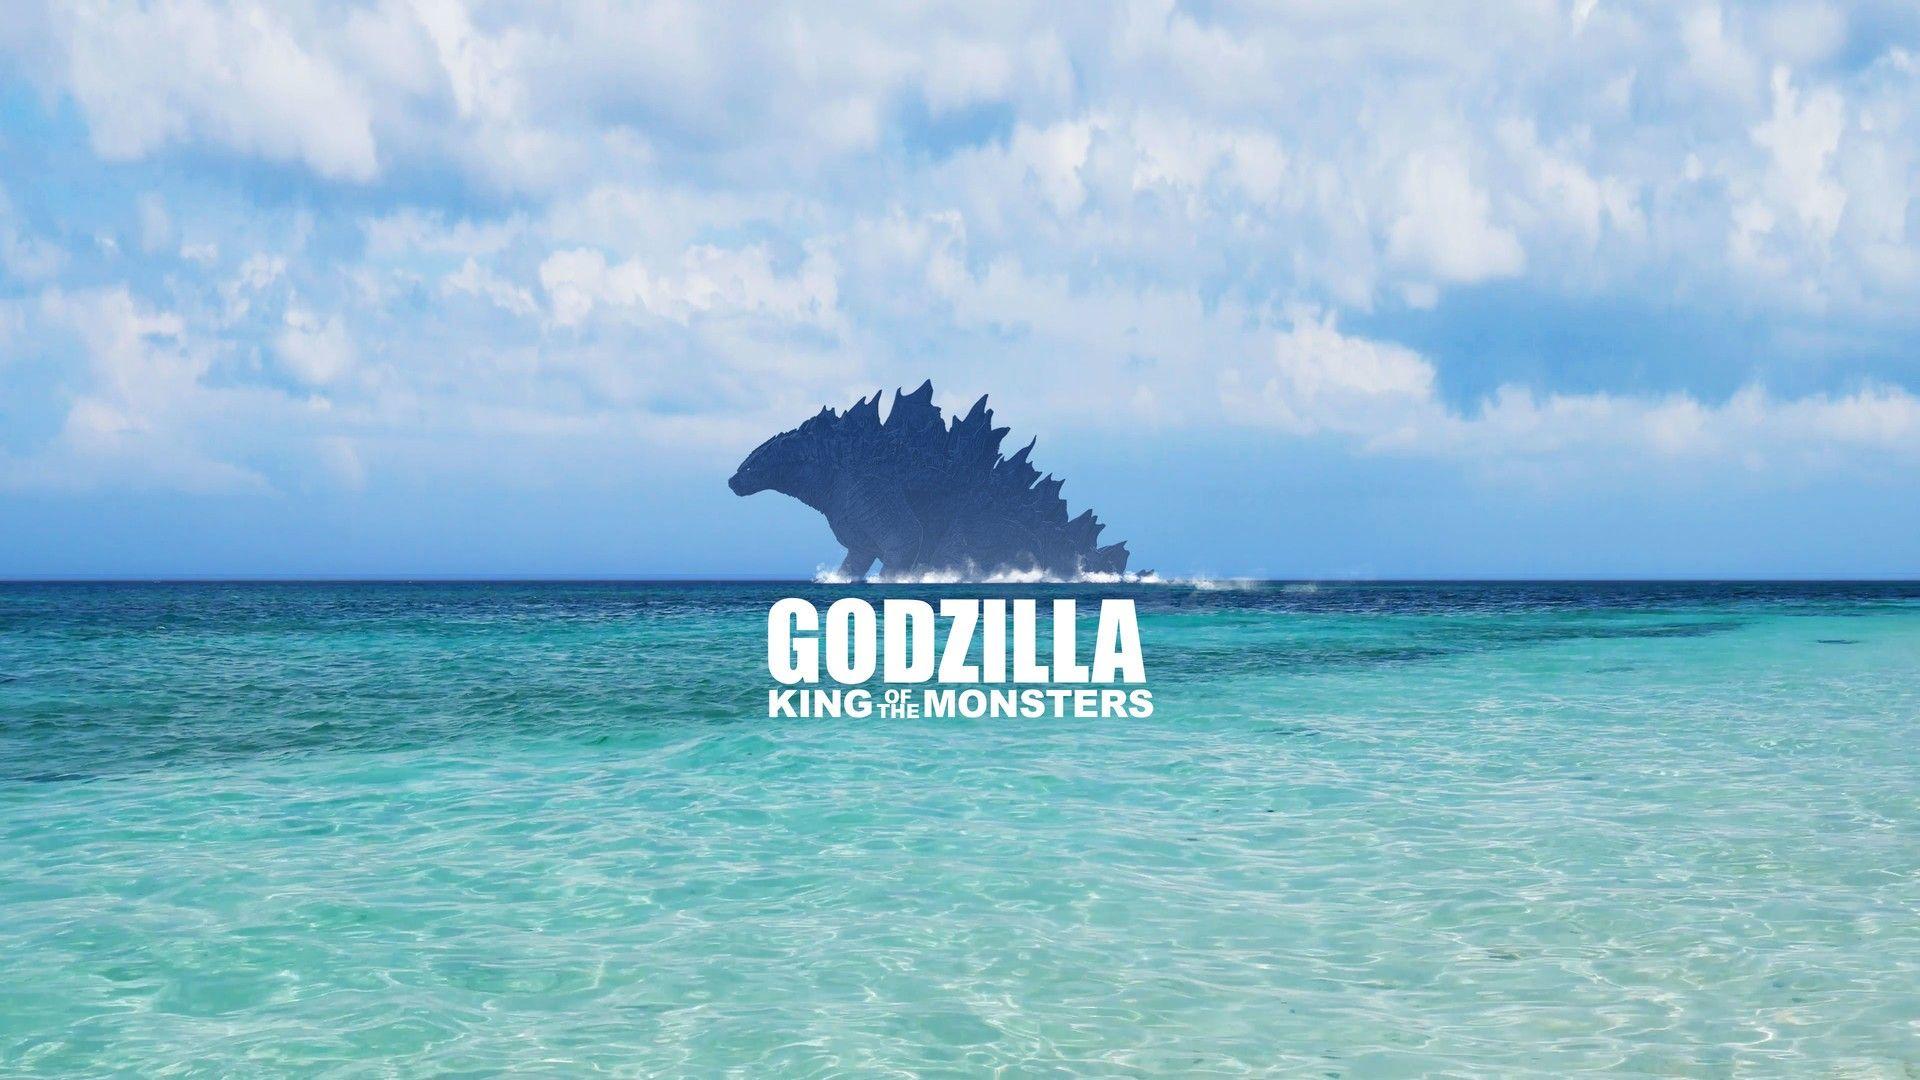 Godzilla Movies Image By Zaid Walter Godzilla Wallpaper